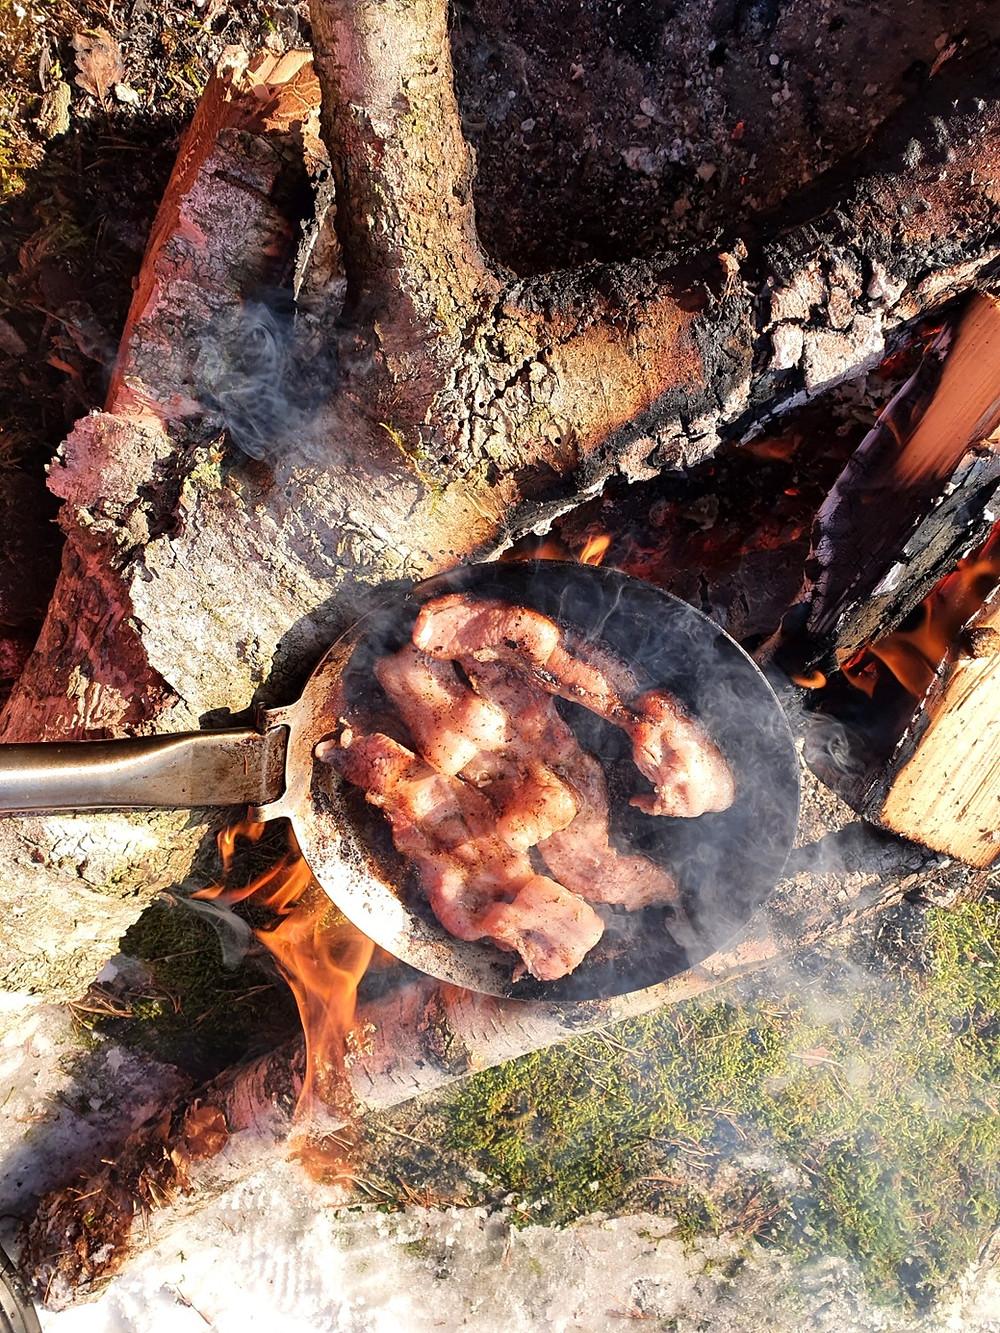 stekfläsk i panna över öppen eld